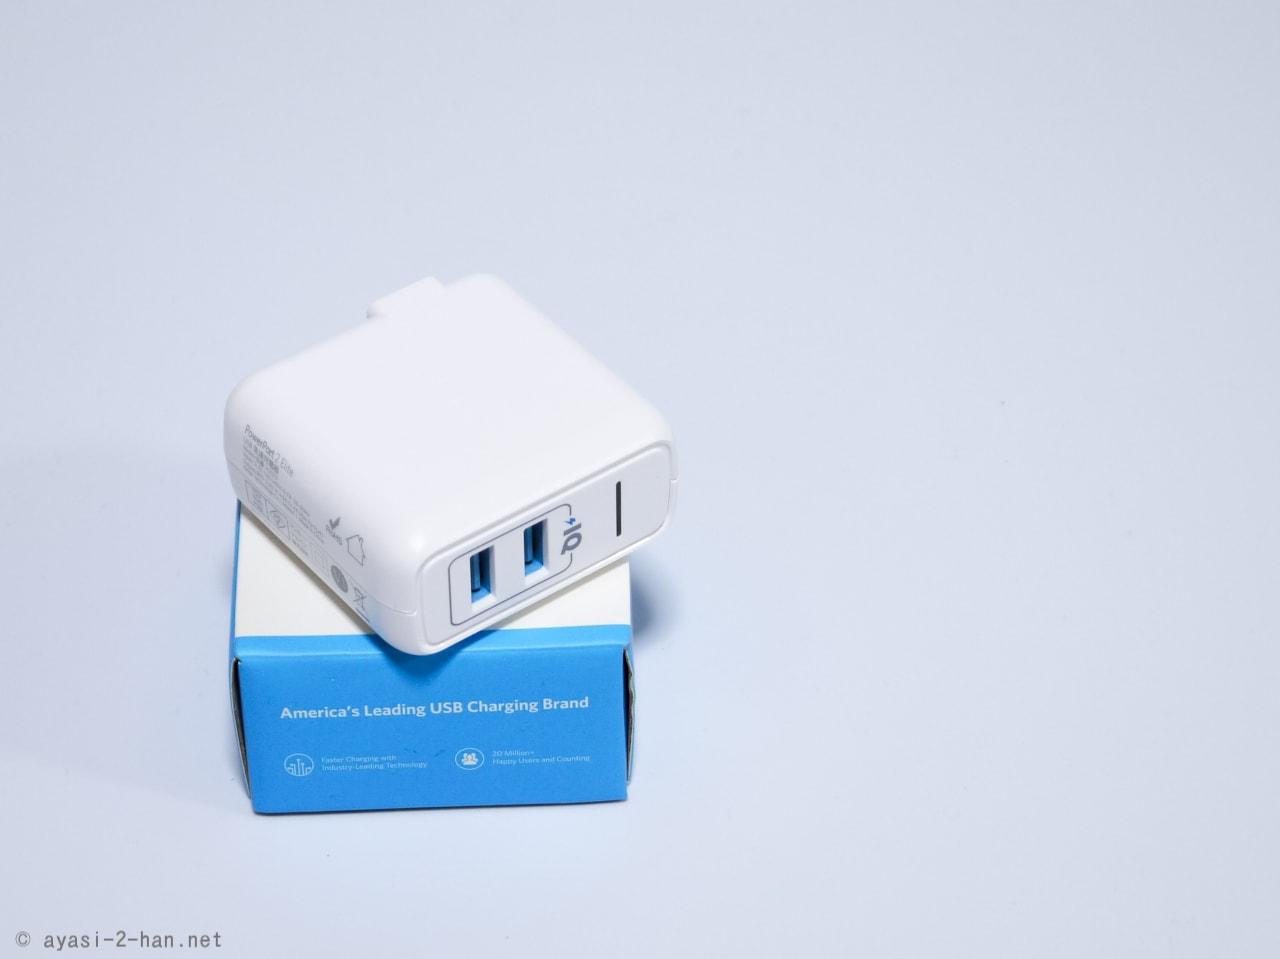 ちょっと良い充電器を使うといろいろ快適! 2ポートの急速充電器でオススメの Anker PowerPort 2 Eliteを使ってみた感想